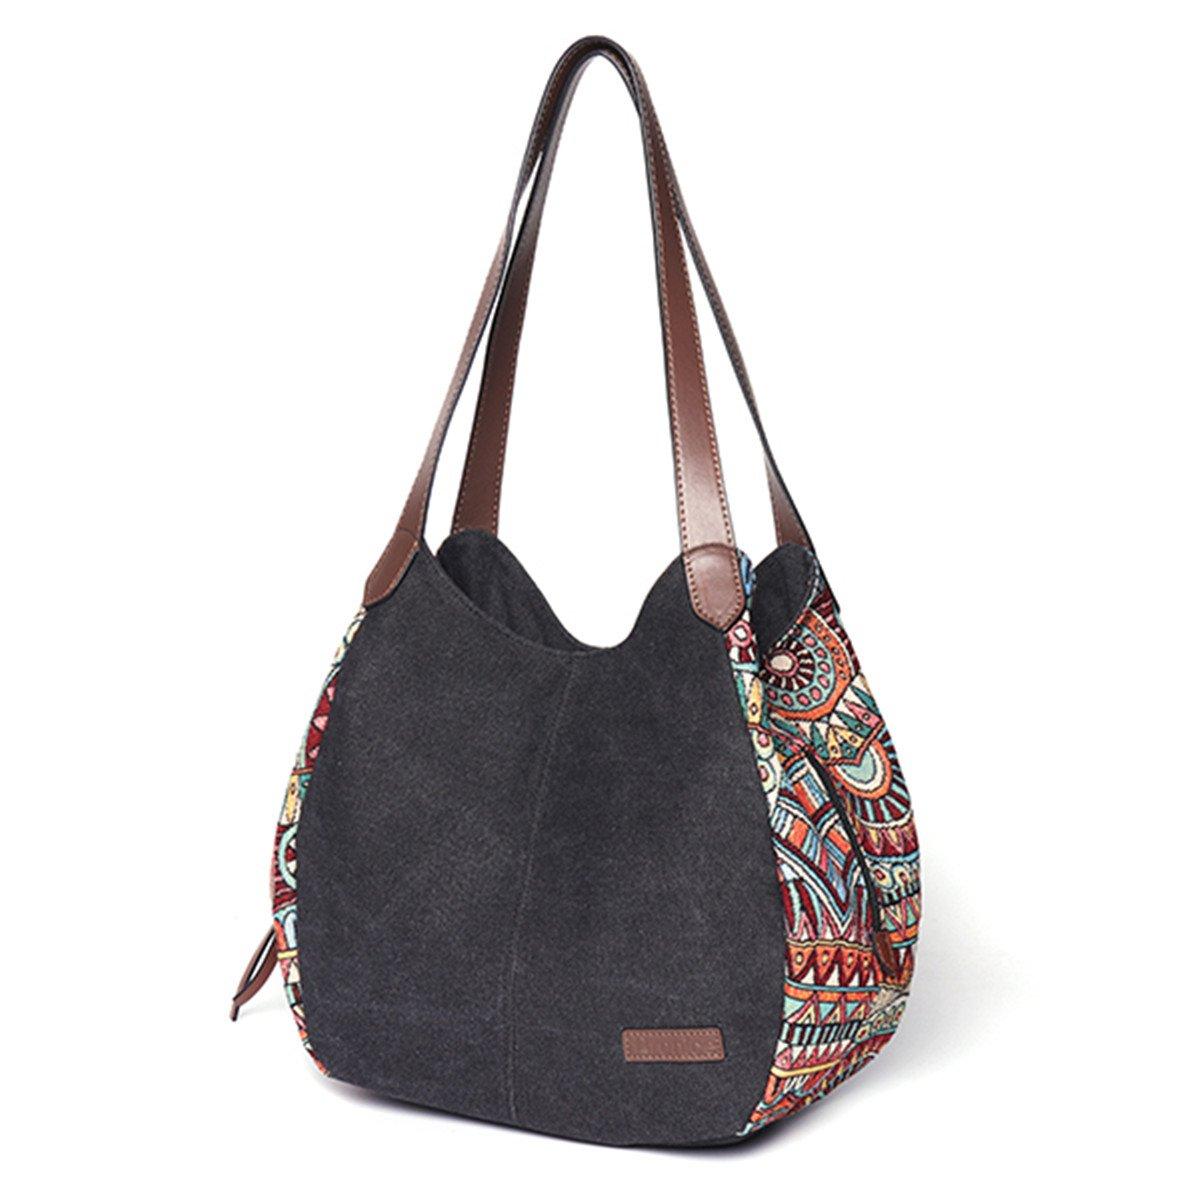 9da66b522ca5 Amazon.com  Shoulder Bag for Women